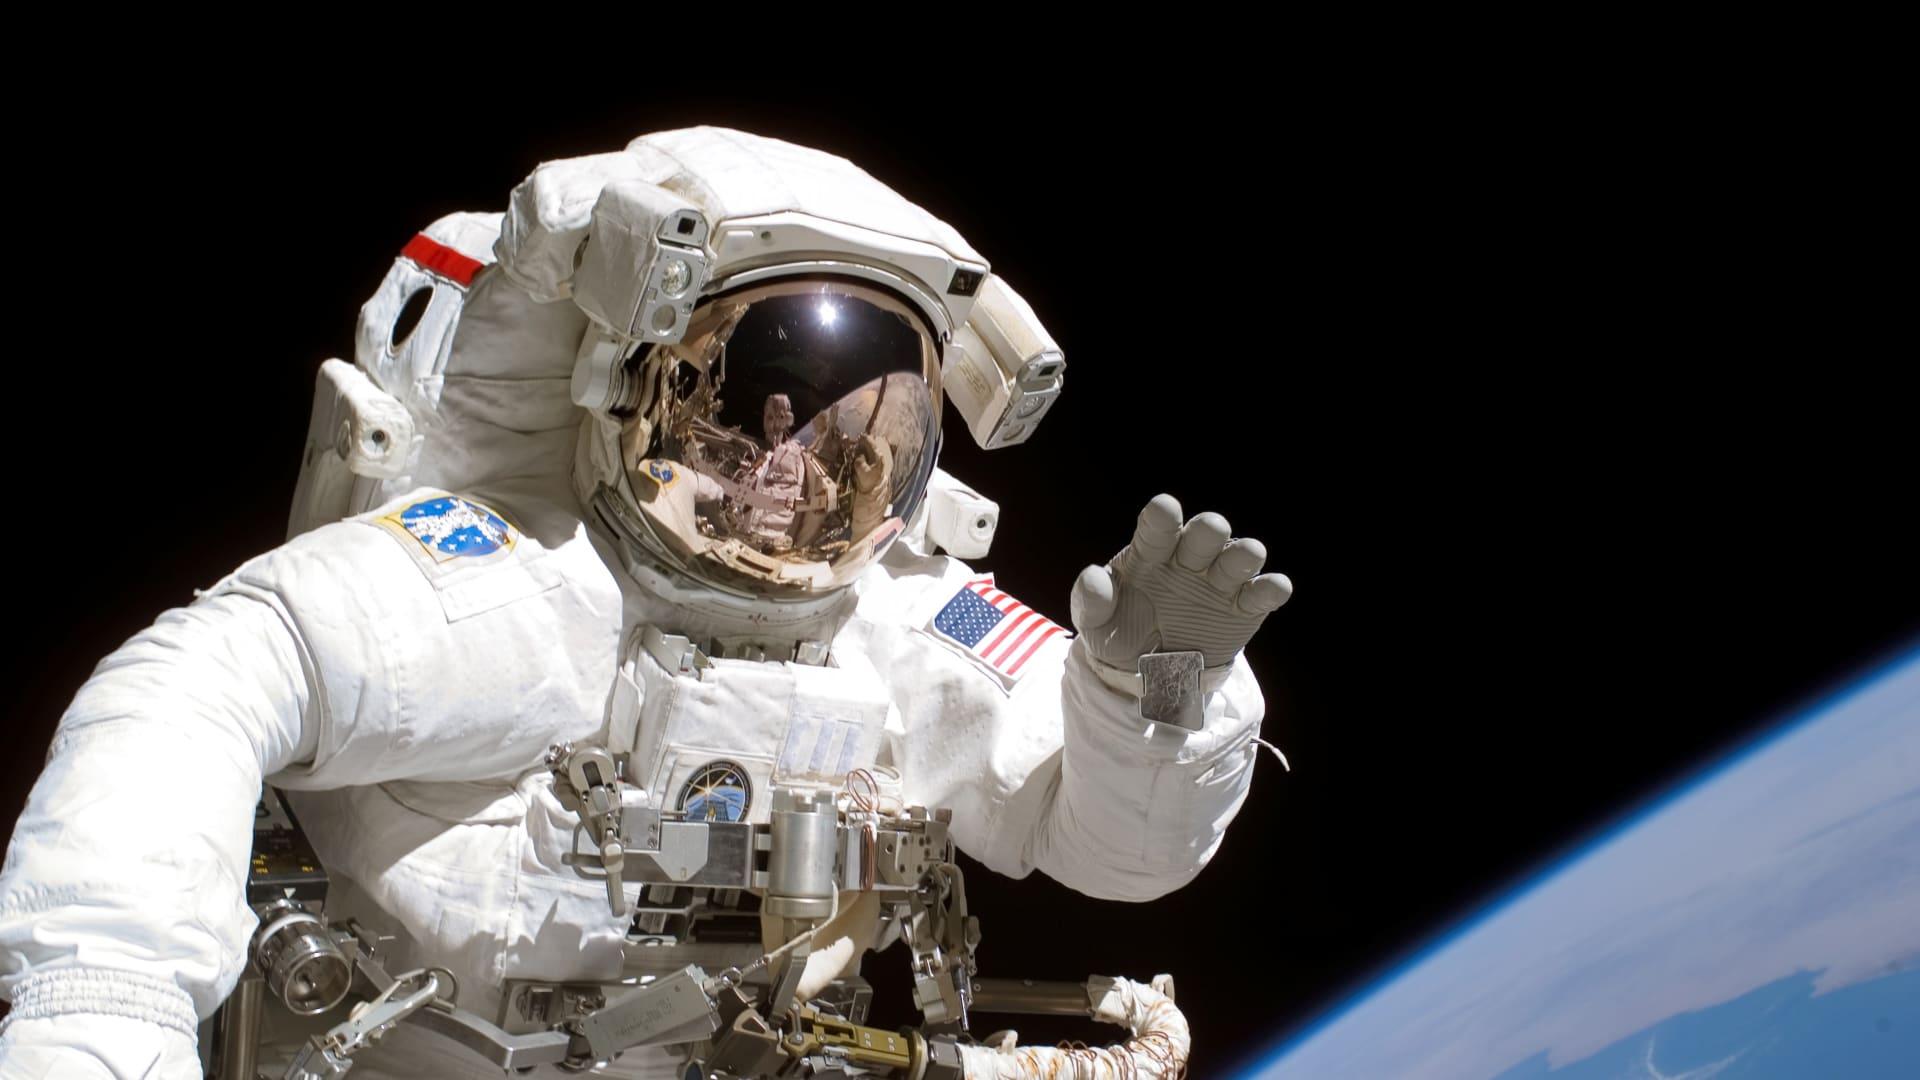 في الفضاء.. رفيق آلي للبشر لمساعدتهم على عدم الشعور بالوحدة